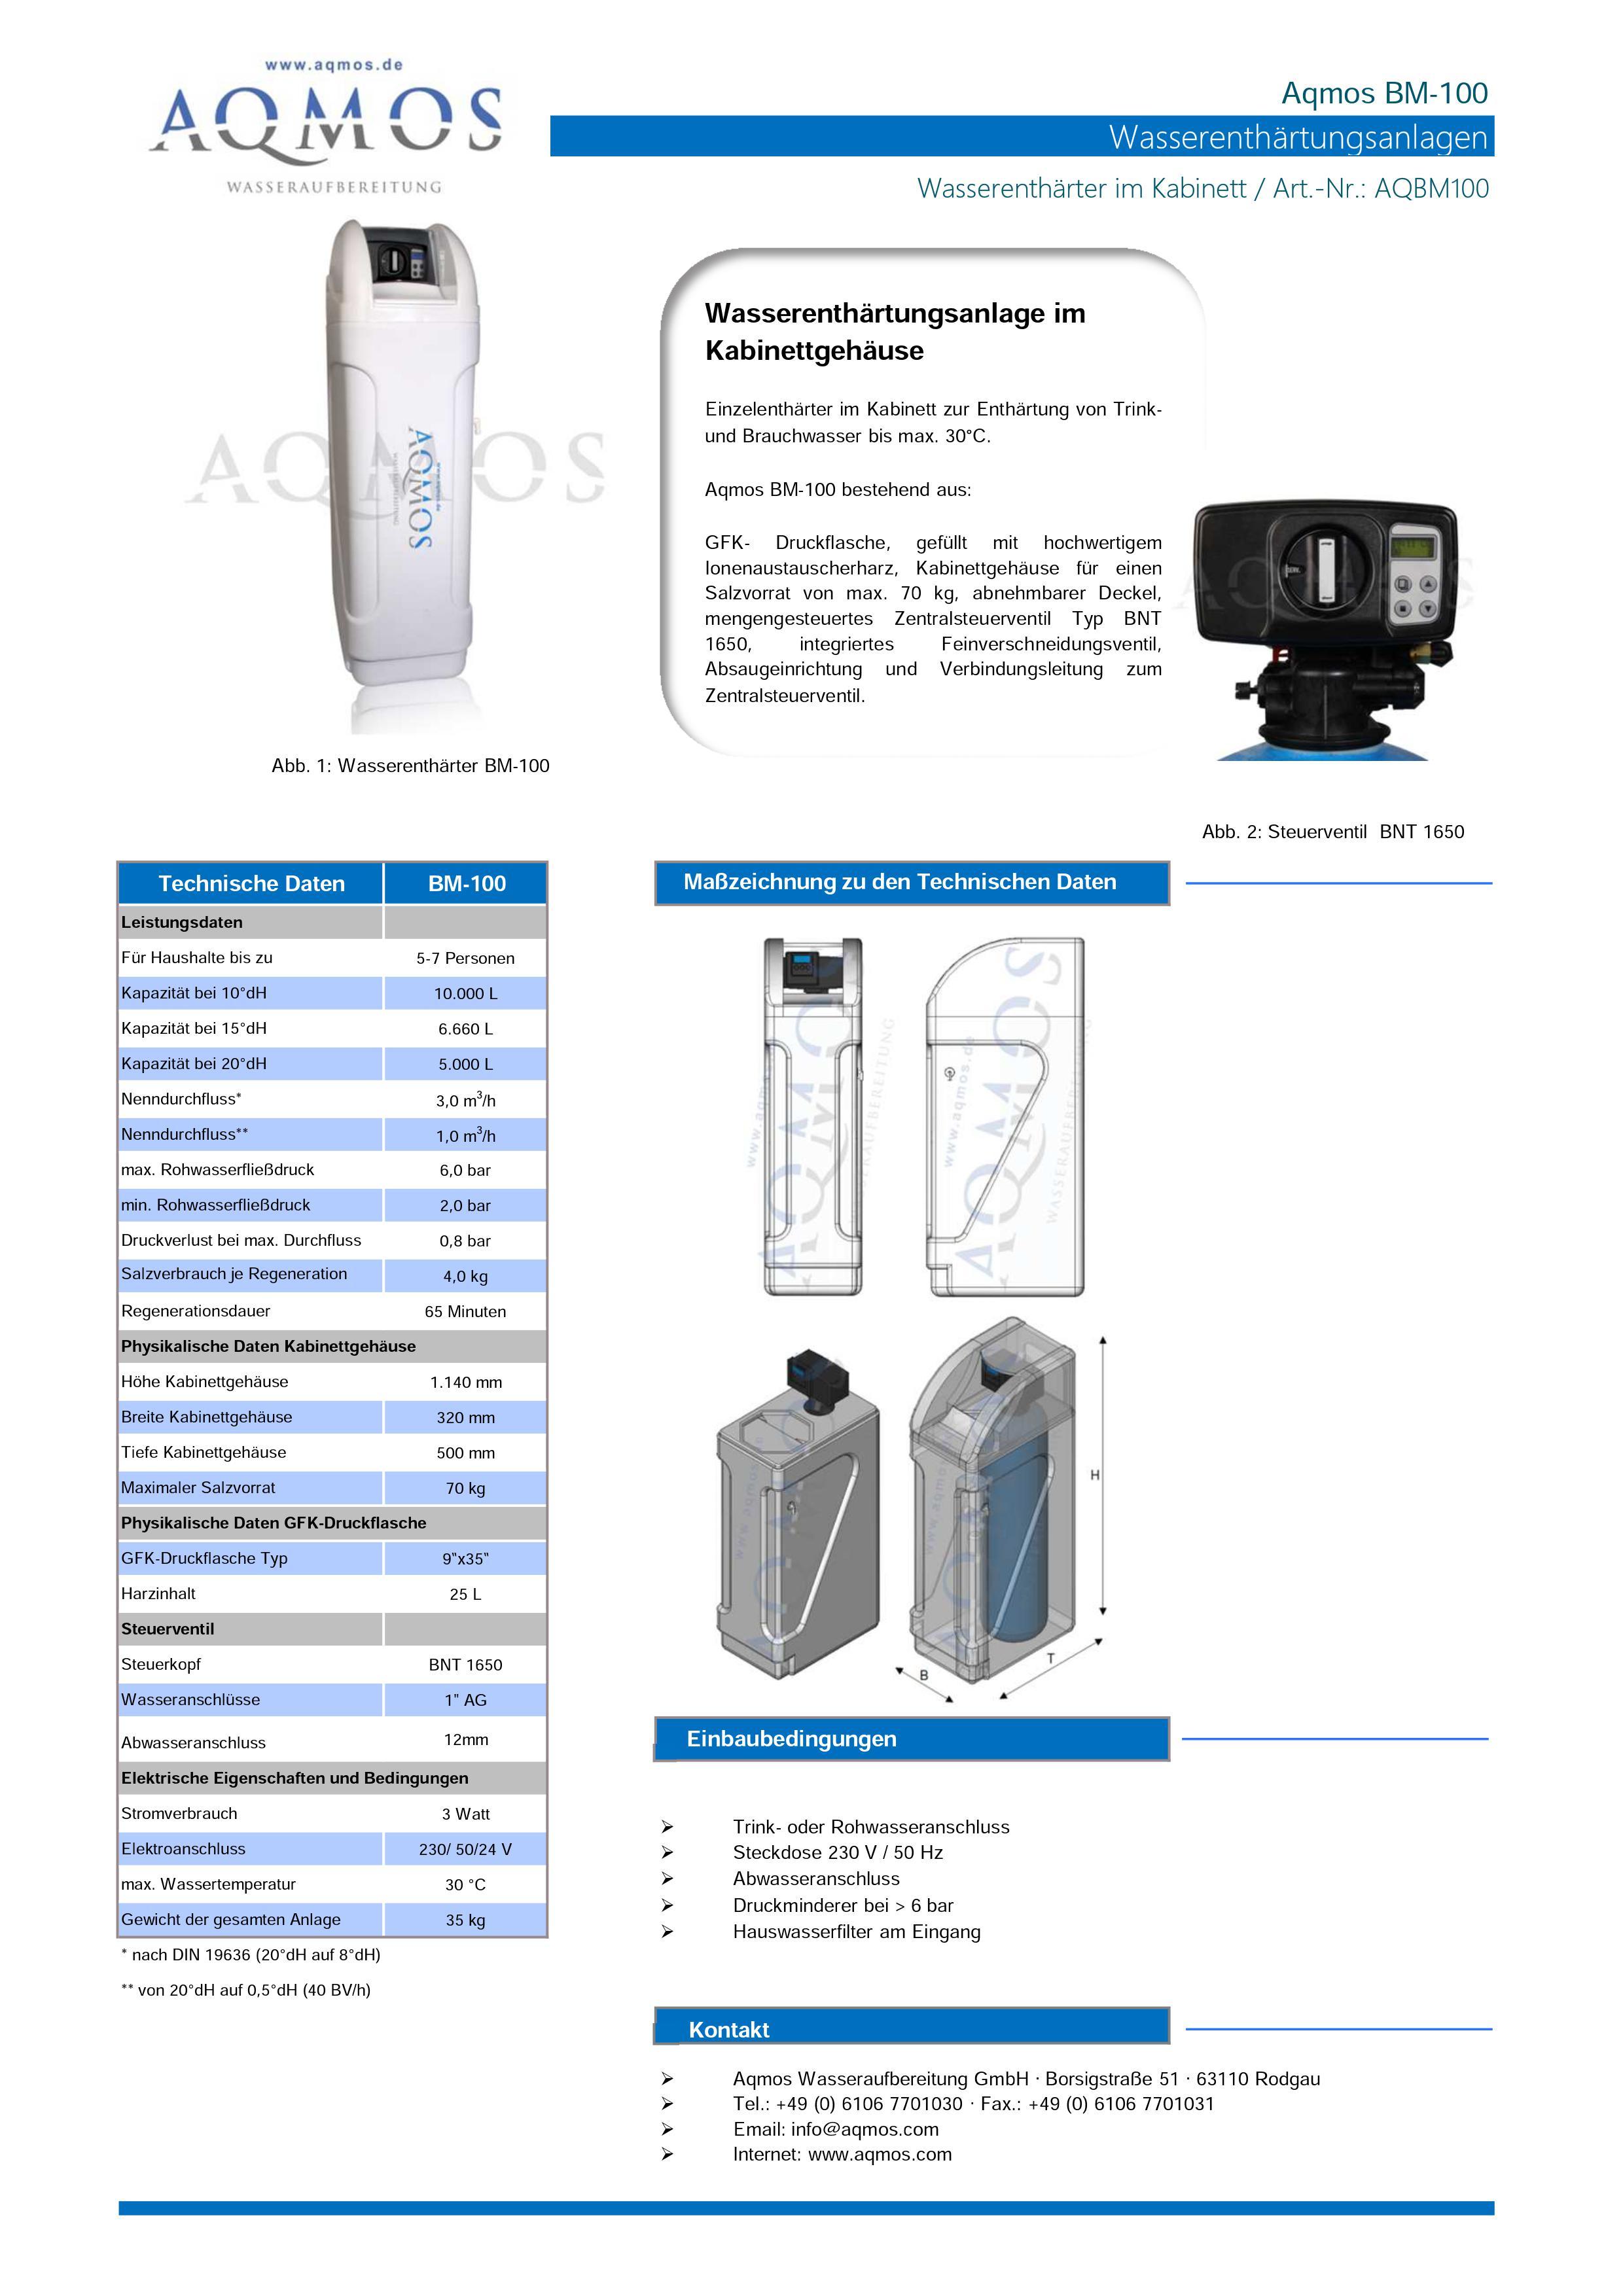 Datenblatt-BM-100